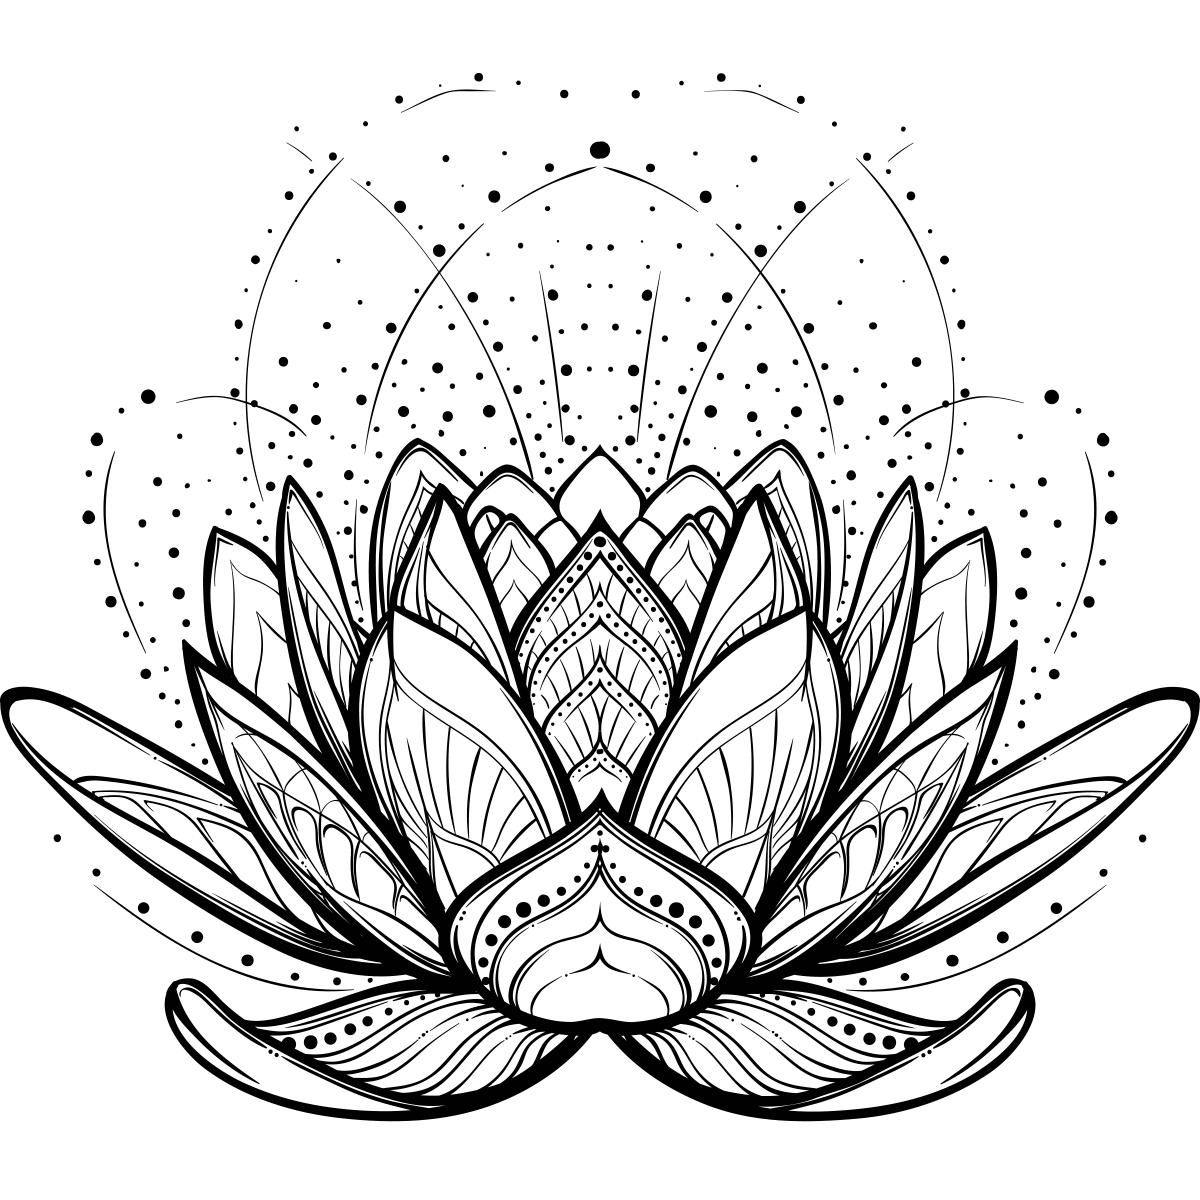 лотос цветок рисунок тату отмечается